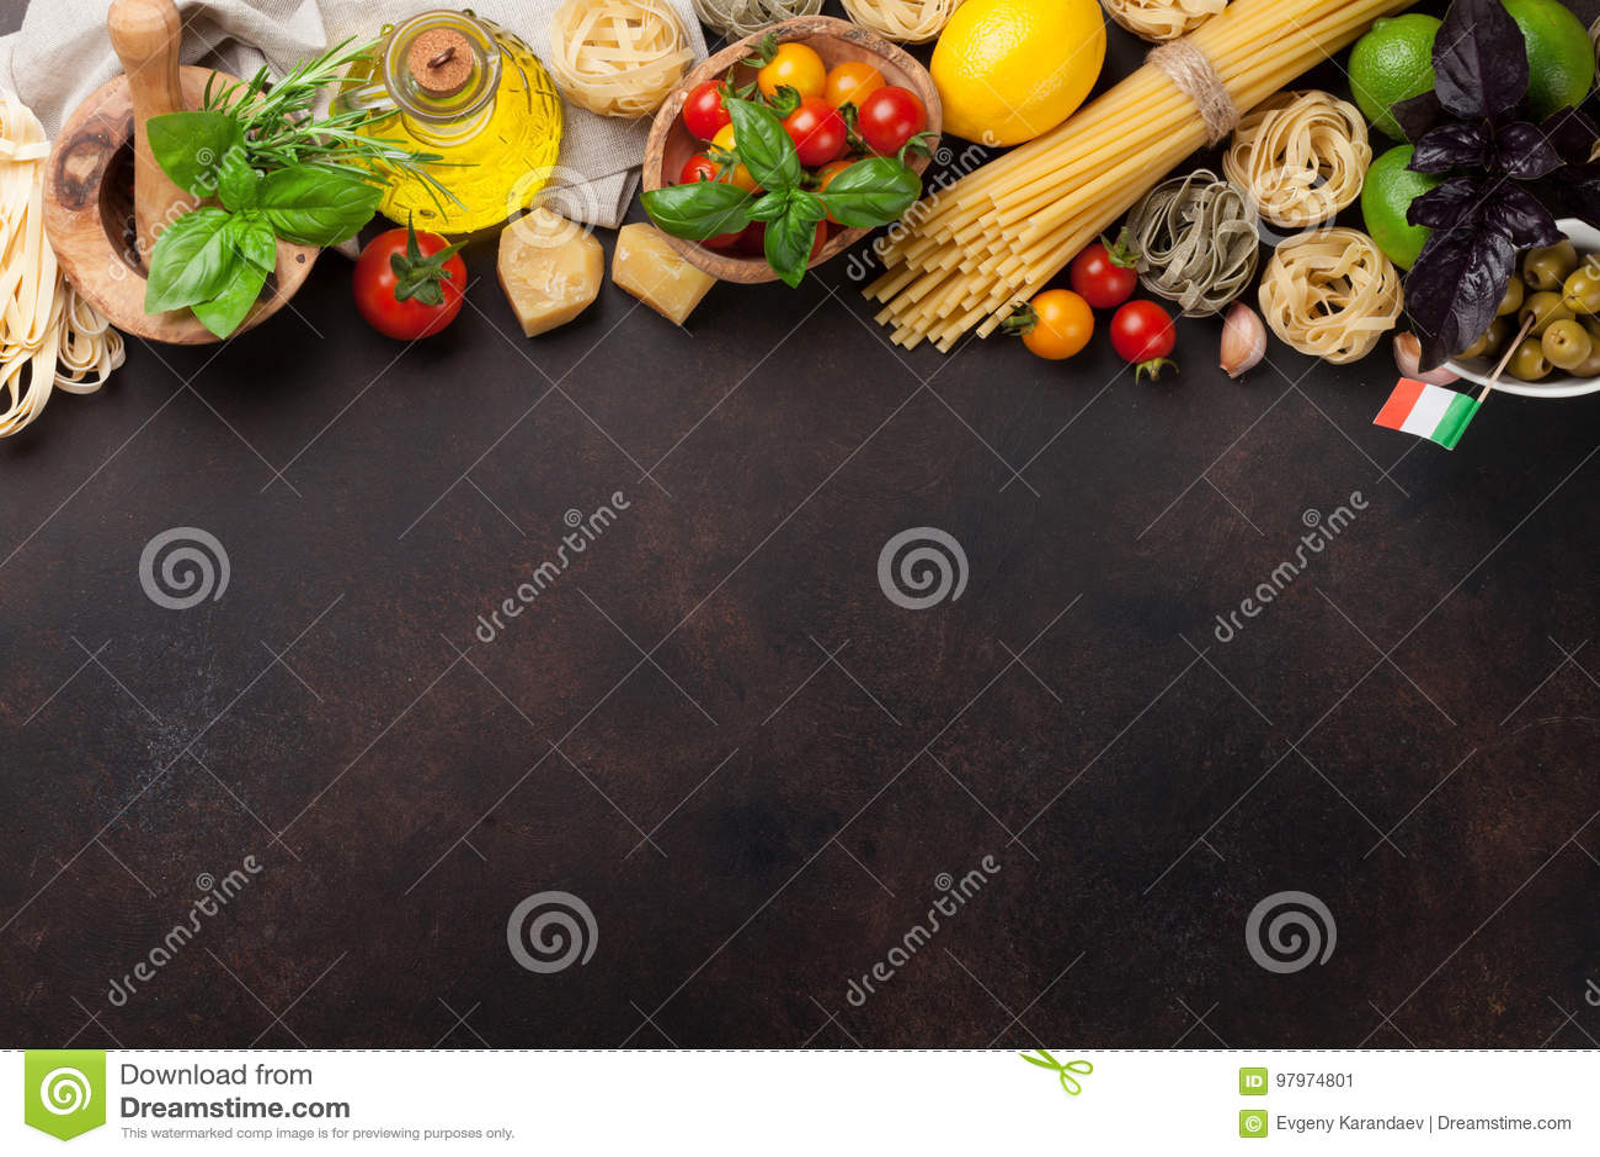 烹调意大利语的食品成分 背景樱桃成份查出意大利面食意粉蕃茄白色